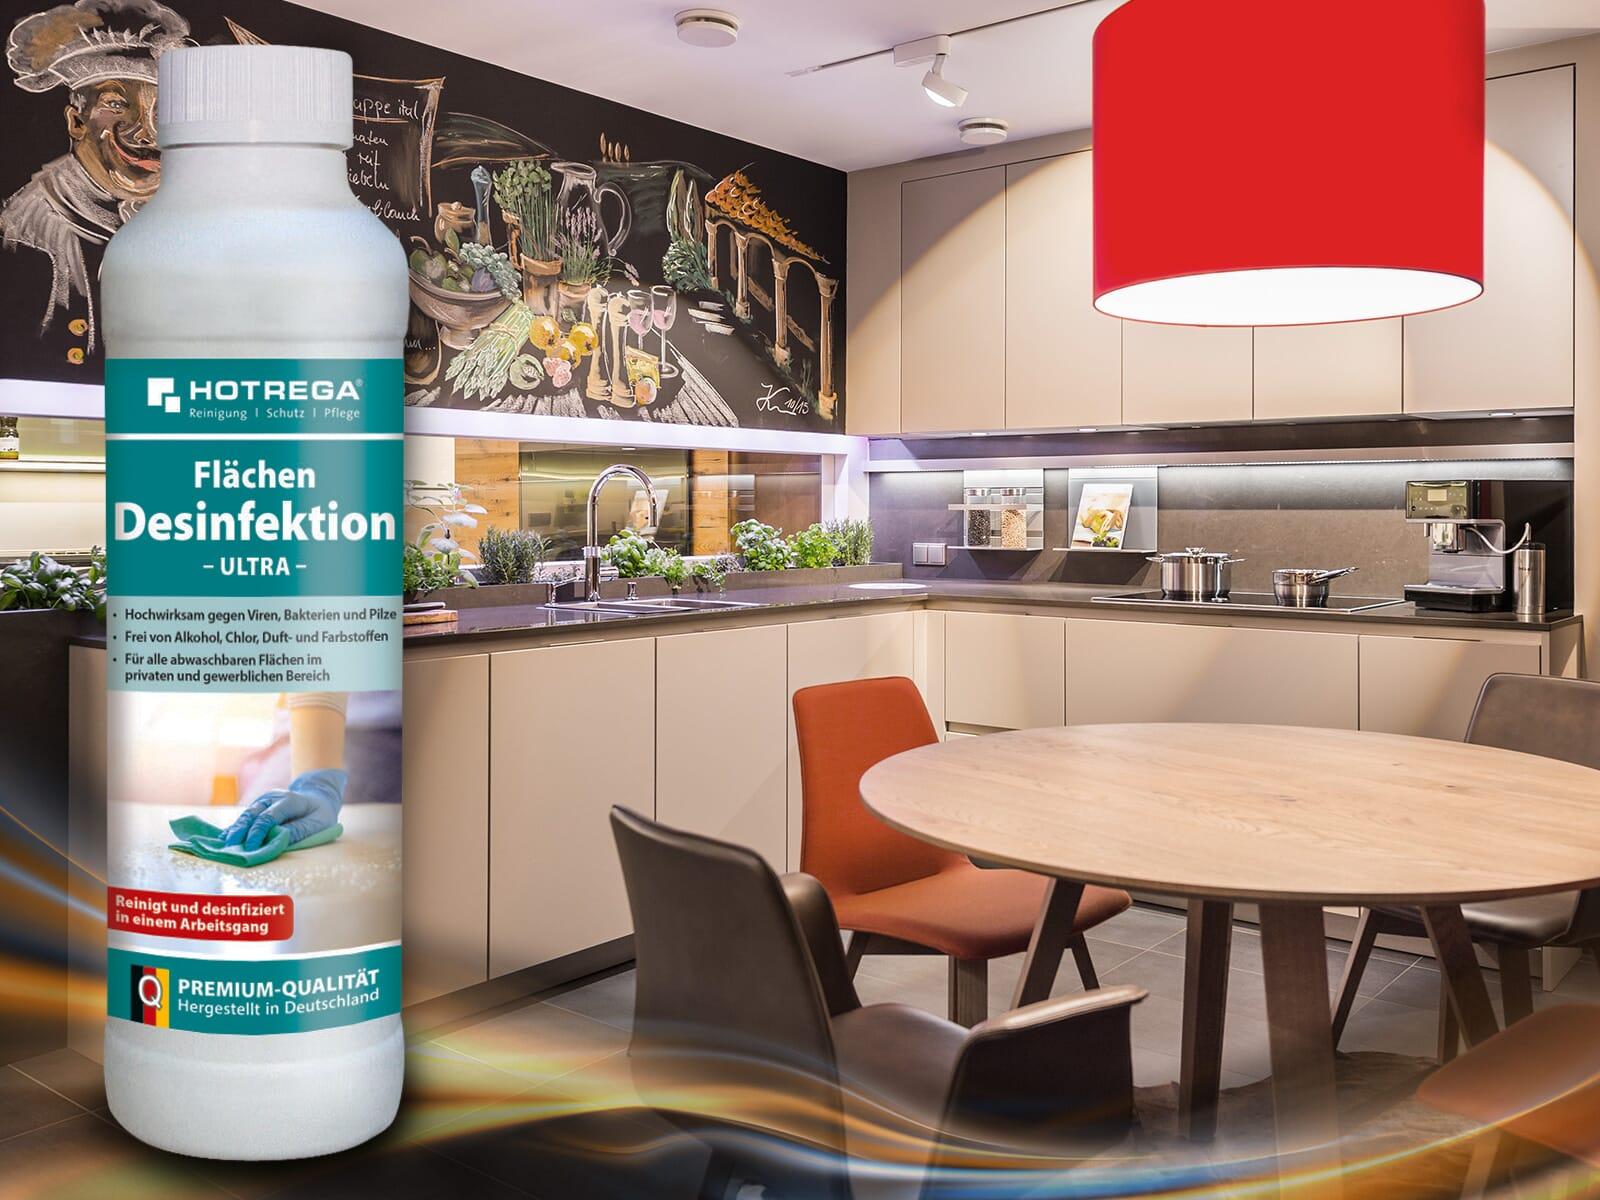 Hotrega H230129 Desinfektions-Reiniger ultra - Virenschutz - 4er Set